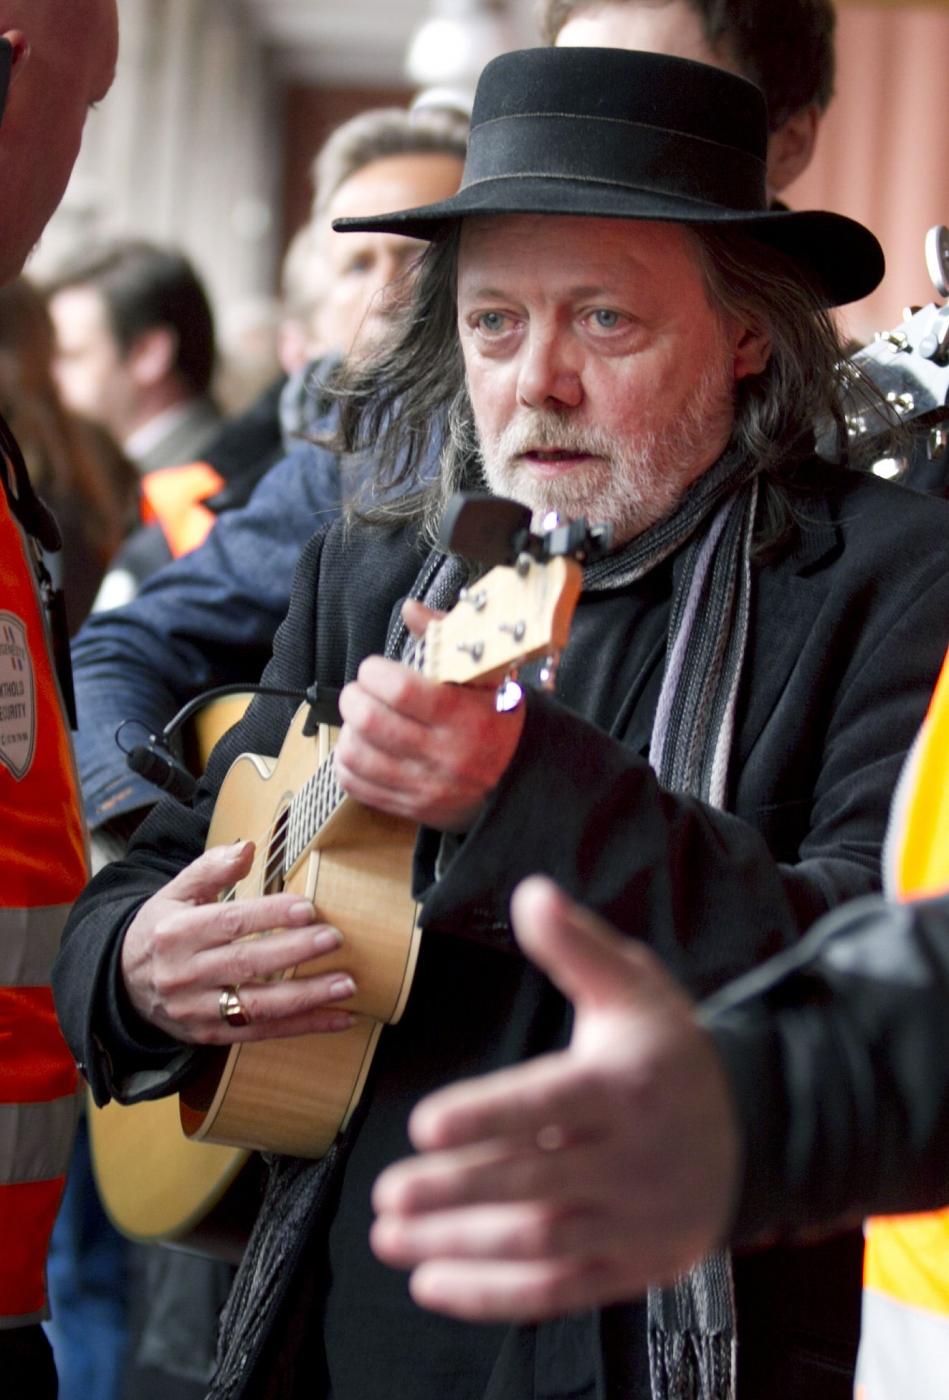 Krátce po 12. hodině zazněly na náměstí Youngstorget tóny písně známého norského písničkáře Lillebjörna Nilsena Děti duhy.